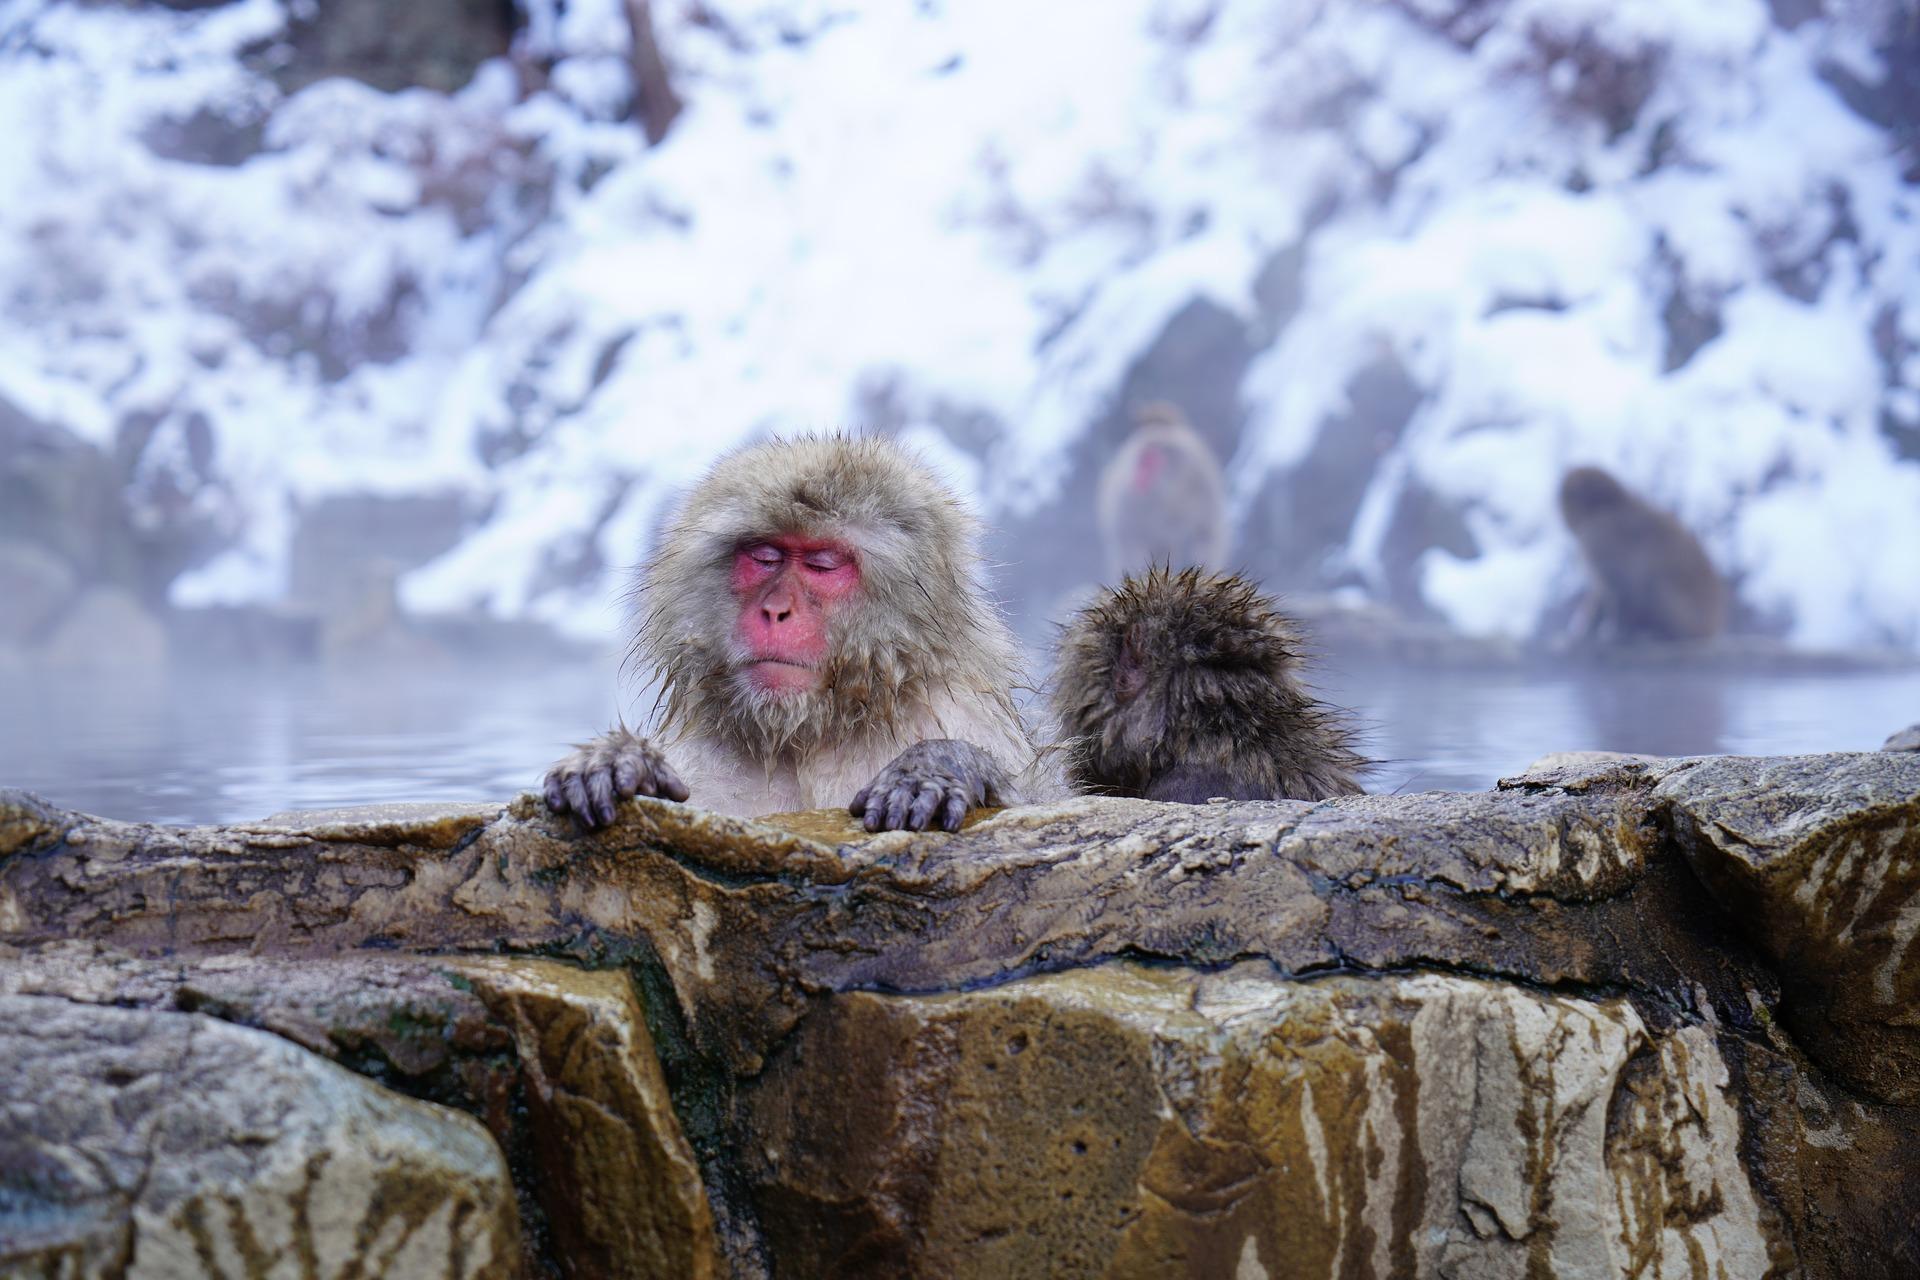 鶴の湯温泉(秋田)はメディアでも紹介された有名な秘湯!日帰り入浴も人気!